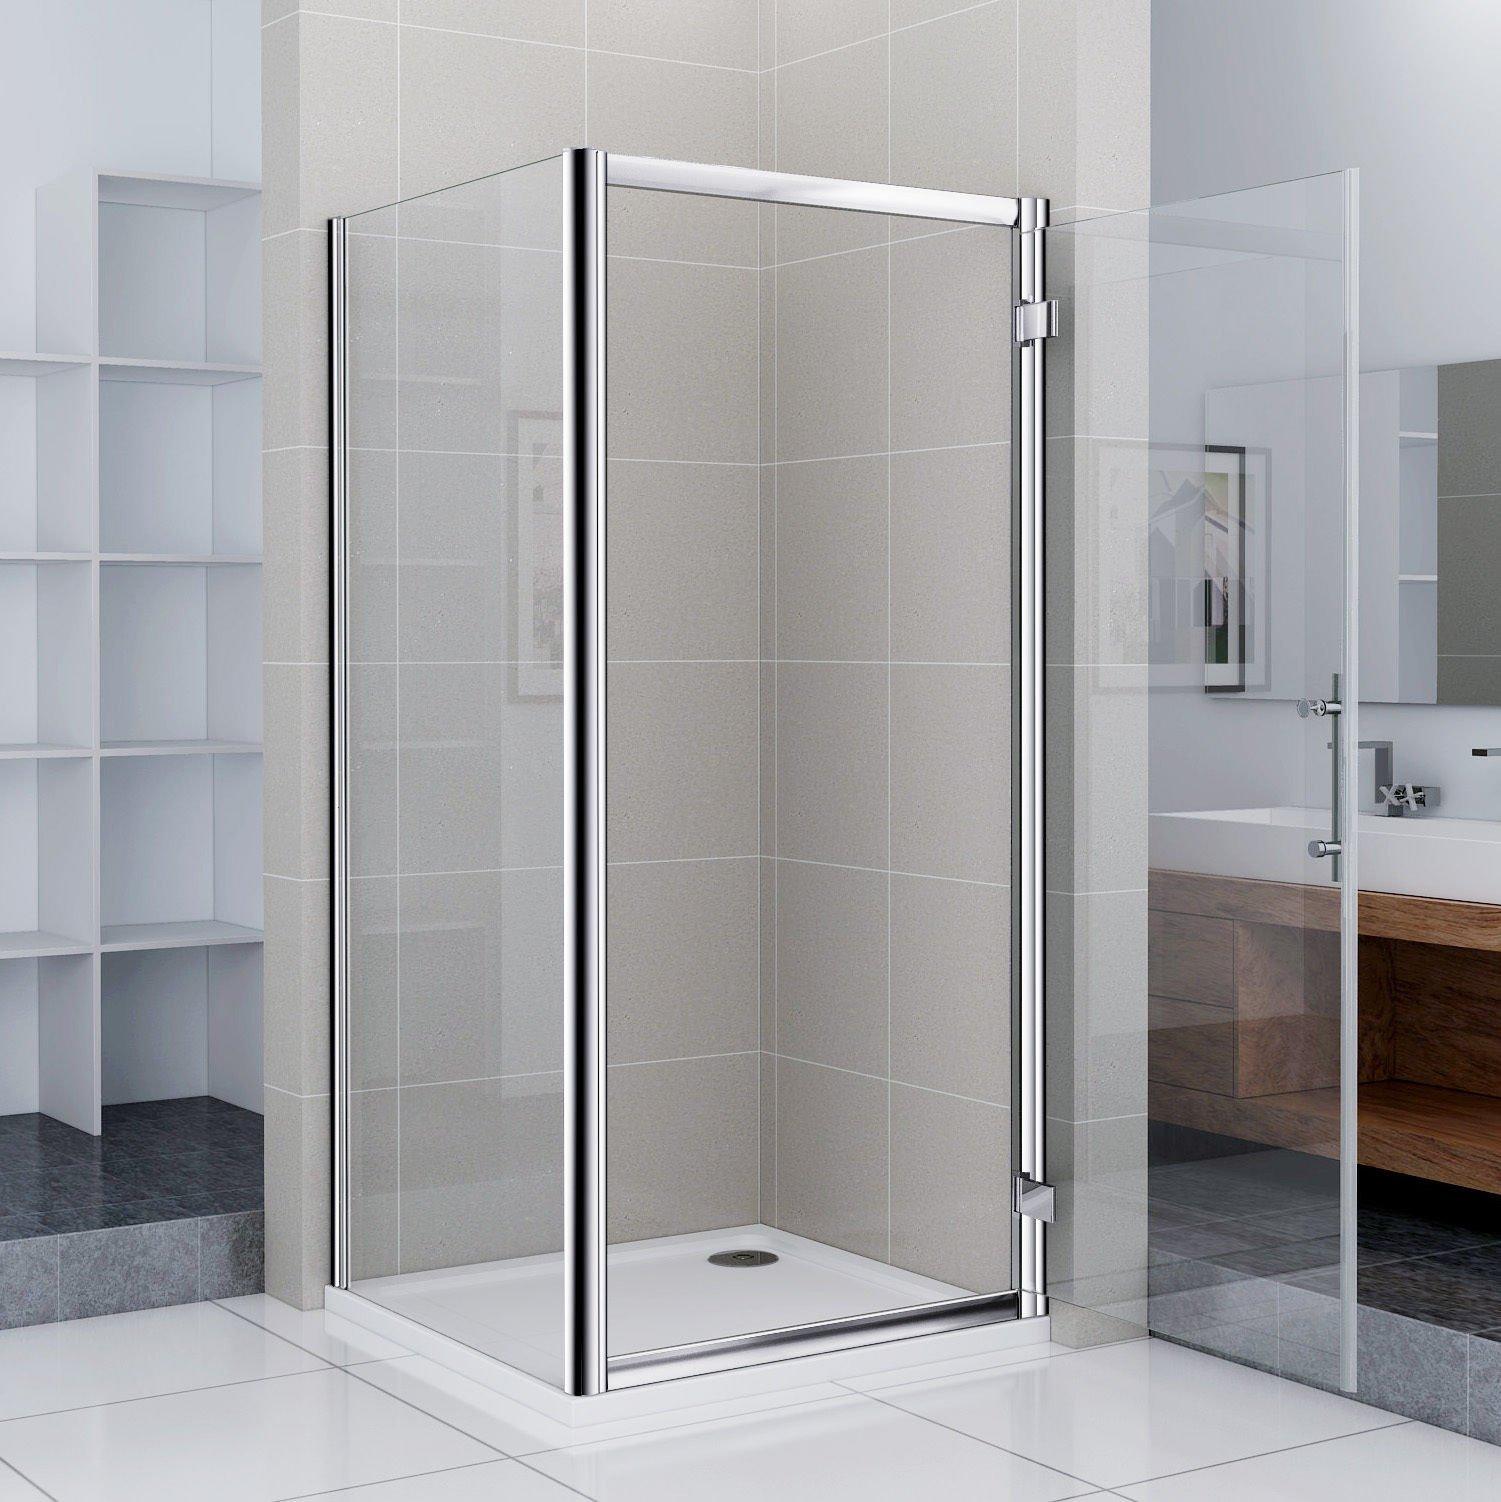 Mampara de ducha Ducha Puerta drehtür Puerta oscilante para ducha pared 90 x 90 x 185 cm (NS8 – 80 + NS3 – 90): Amazon.es: Bricolaje y herramientas